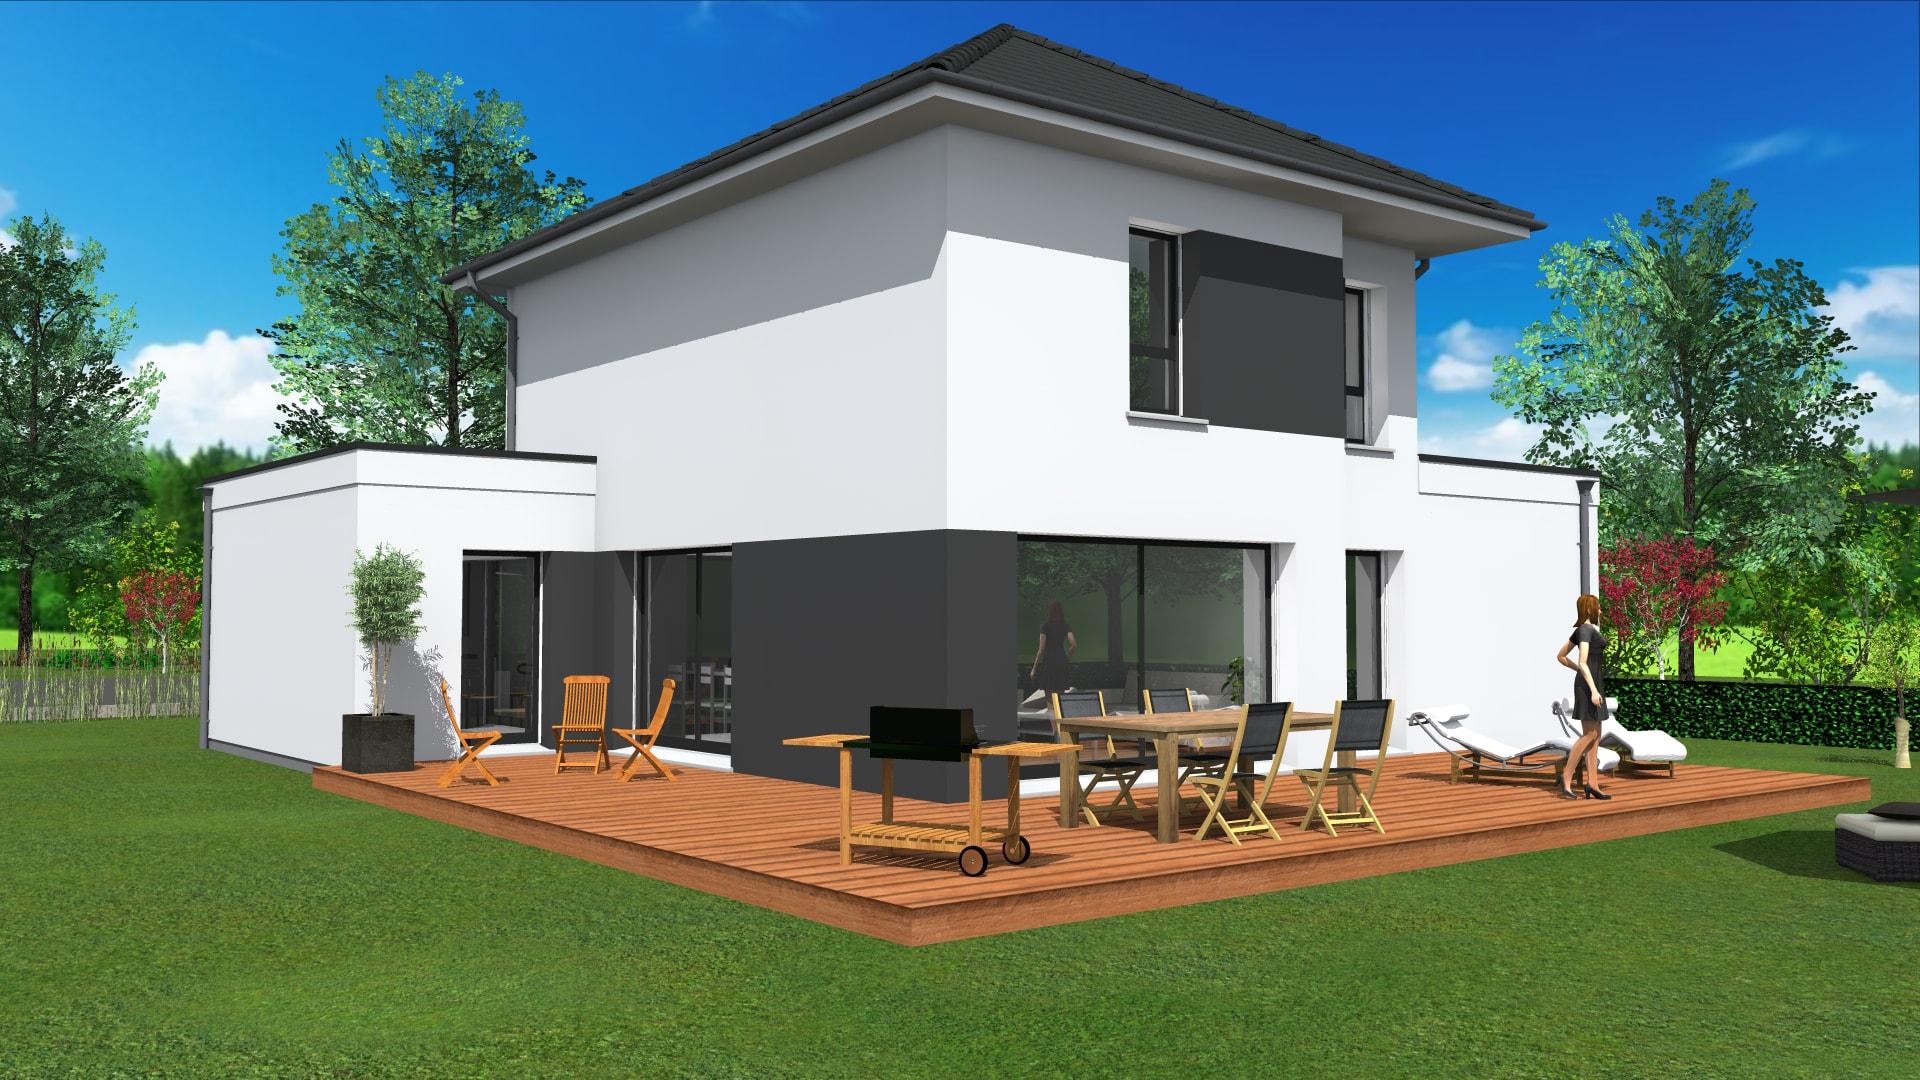 Maison contemporaine toit 4 pans for Maison moderne design contemporaine